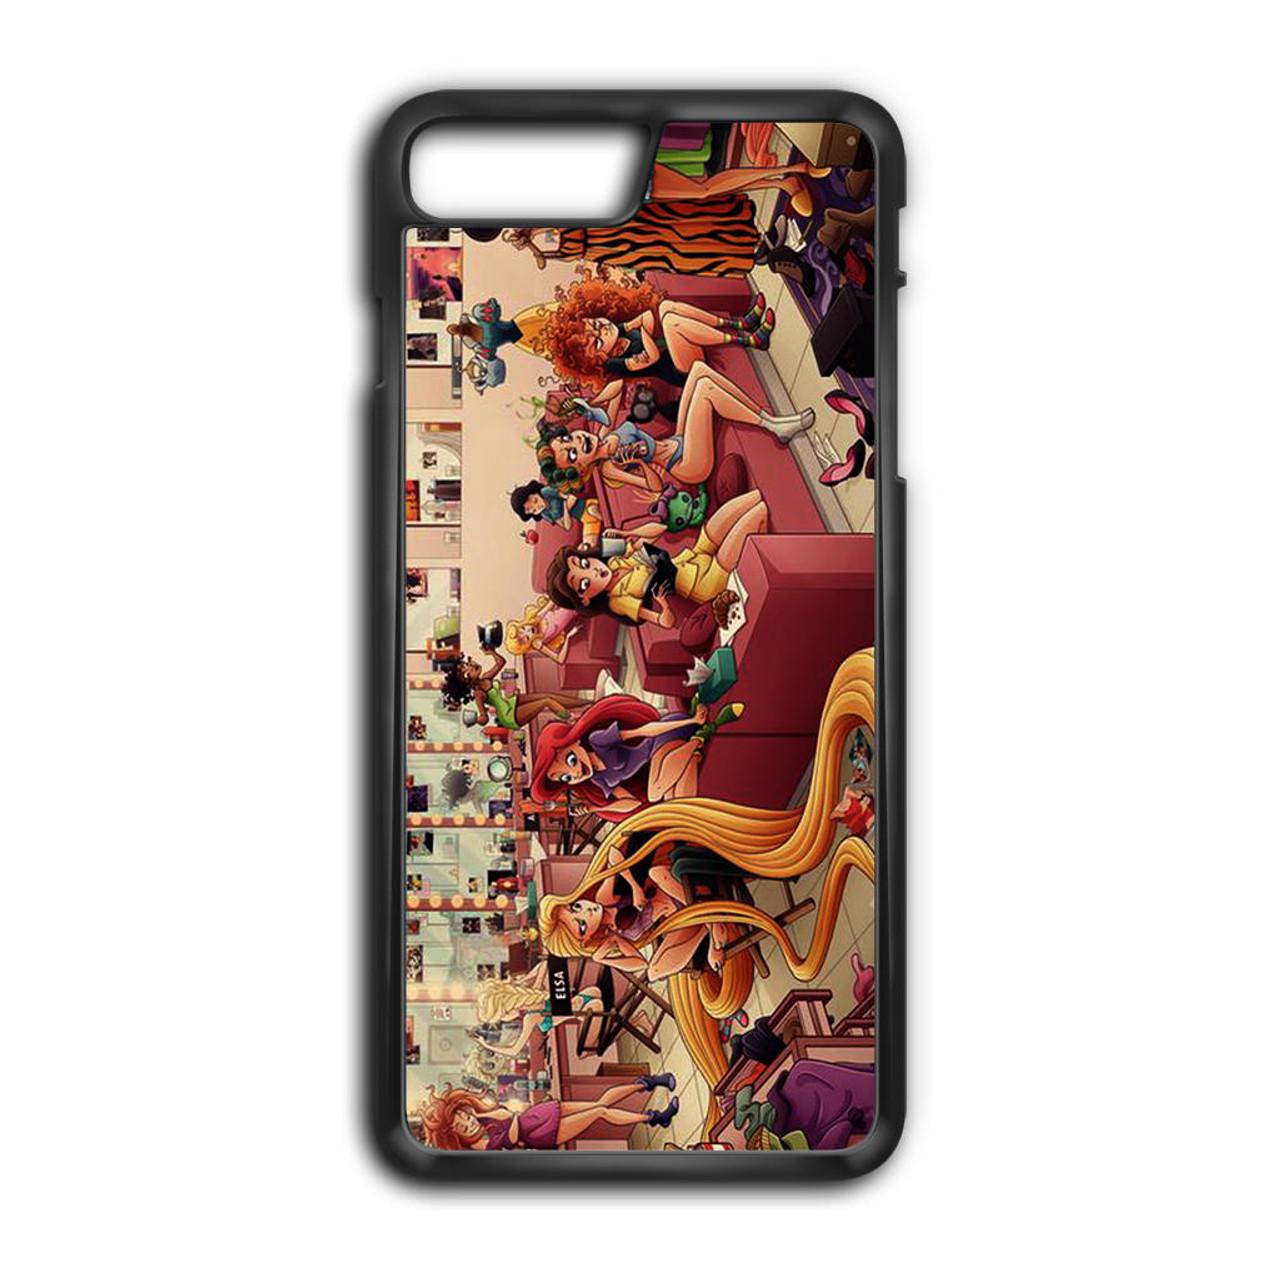 hot sale online 5b85d 8e91b Art Disney Princess iPhone 7 Plus Case